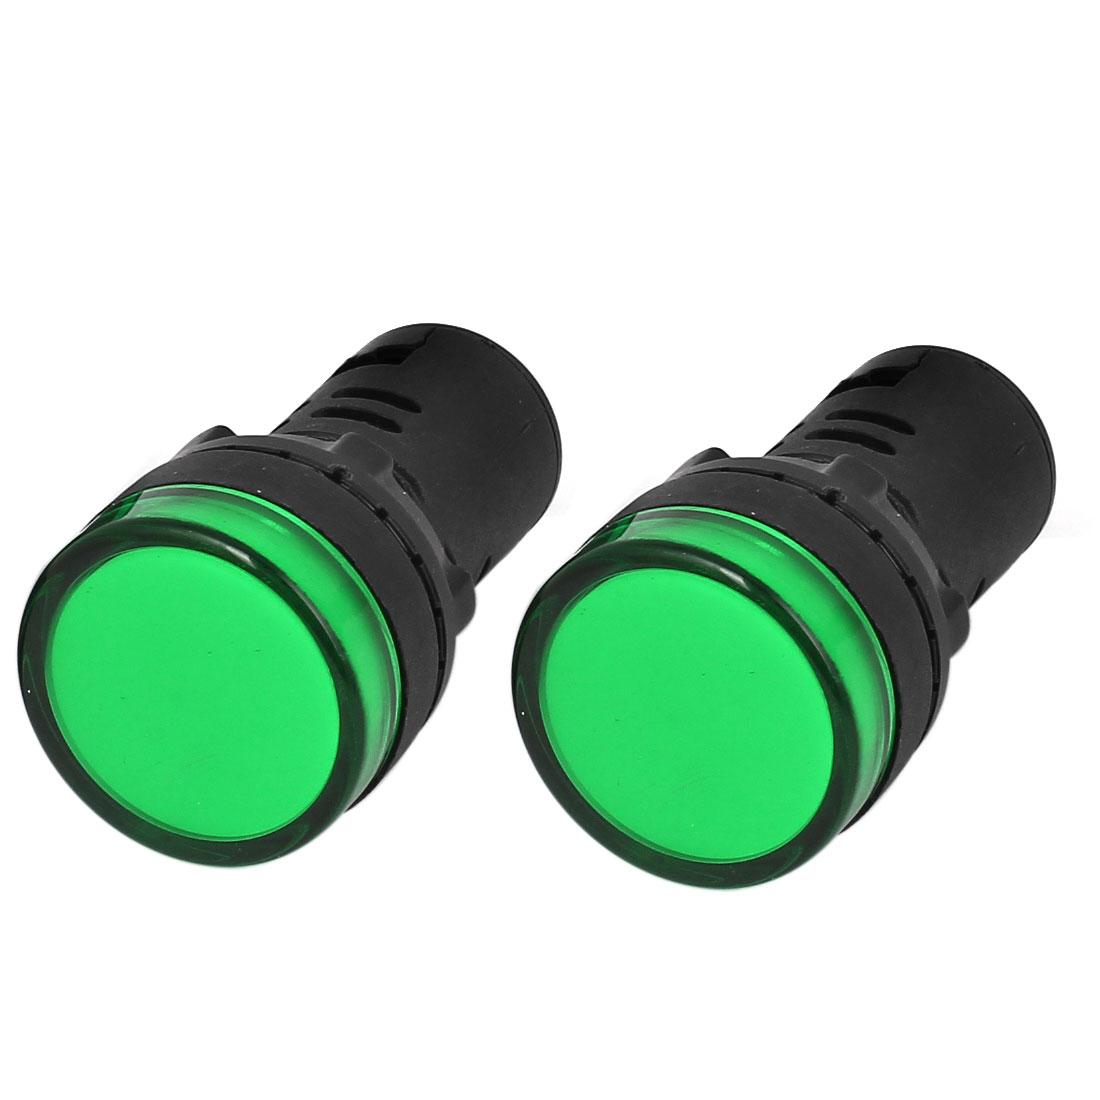 2pcs AD16-22D/S22 Plastic Housing Green LED Indicator Signal Lamp AC/DC12V 20mA